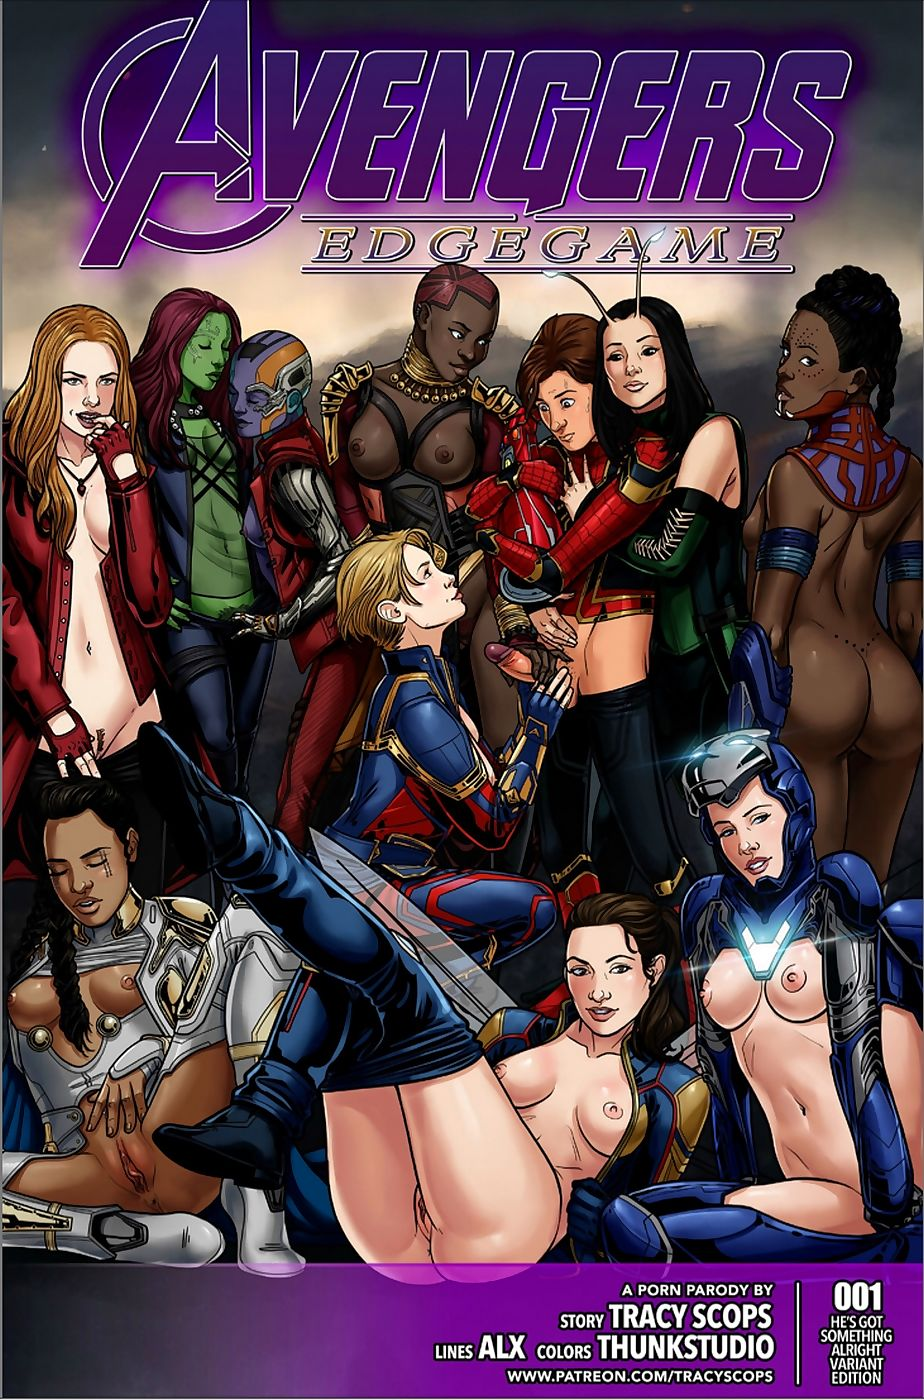 Xxx avengers Watch Avengers